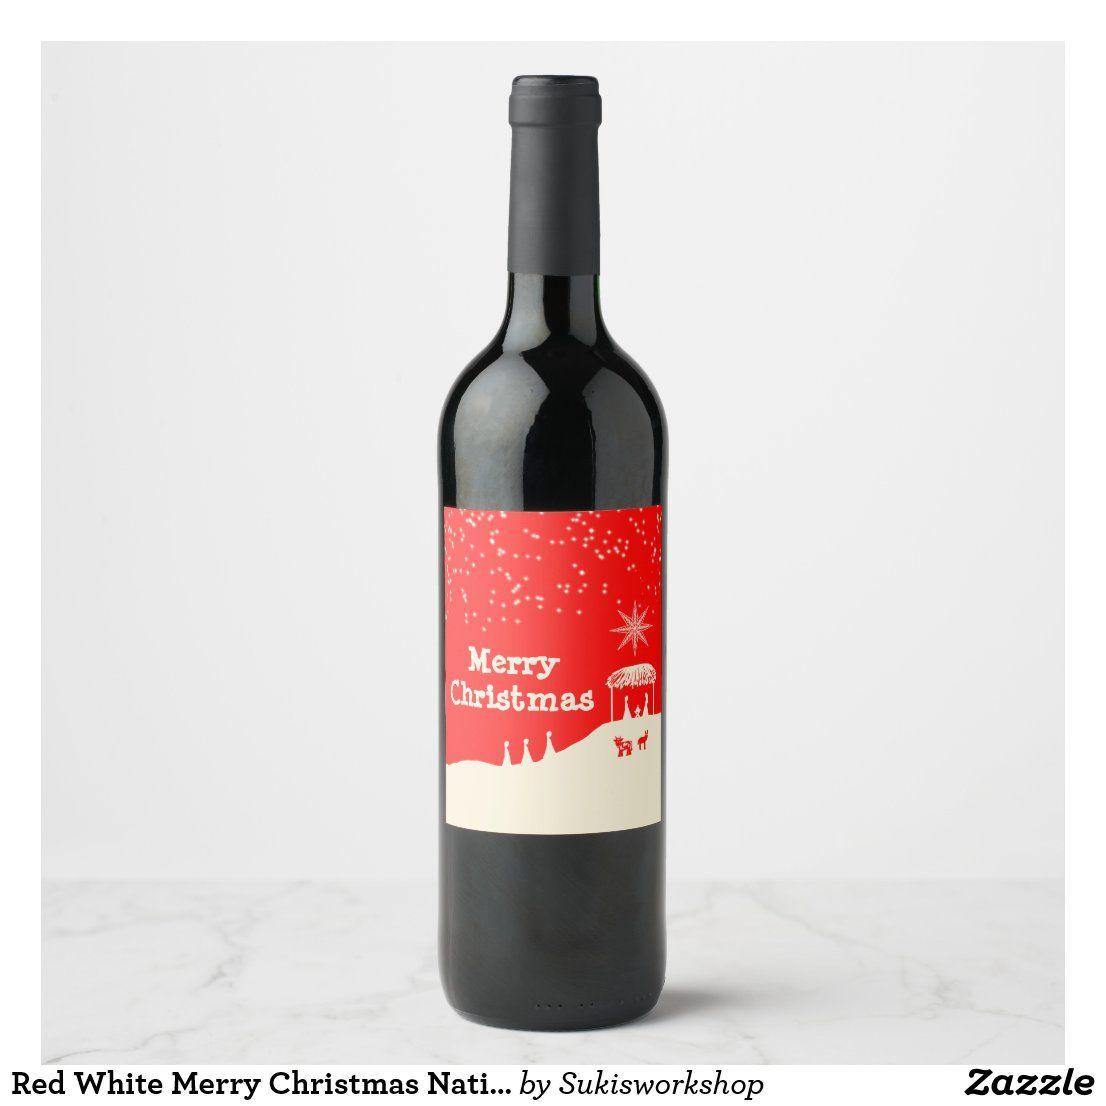 Red White Merry Christmas Nativity Scene Wine Label Zazzle Com In 2020 Christmas Nativity Scene Merry Christmas Christmas Nativity